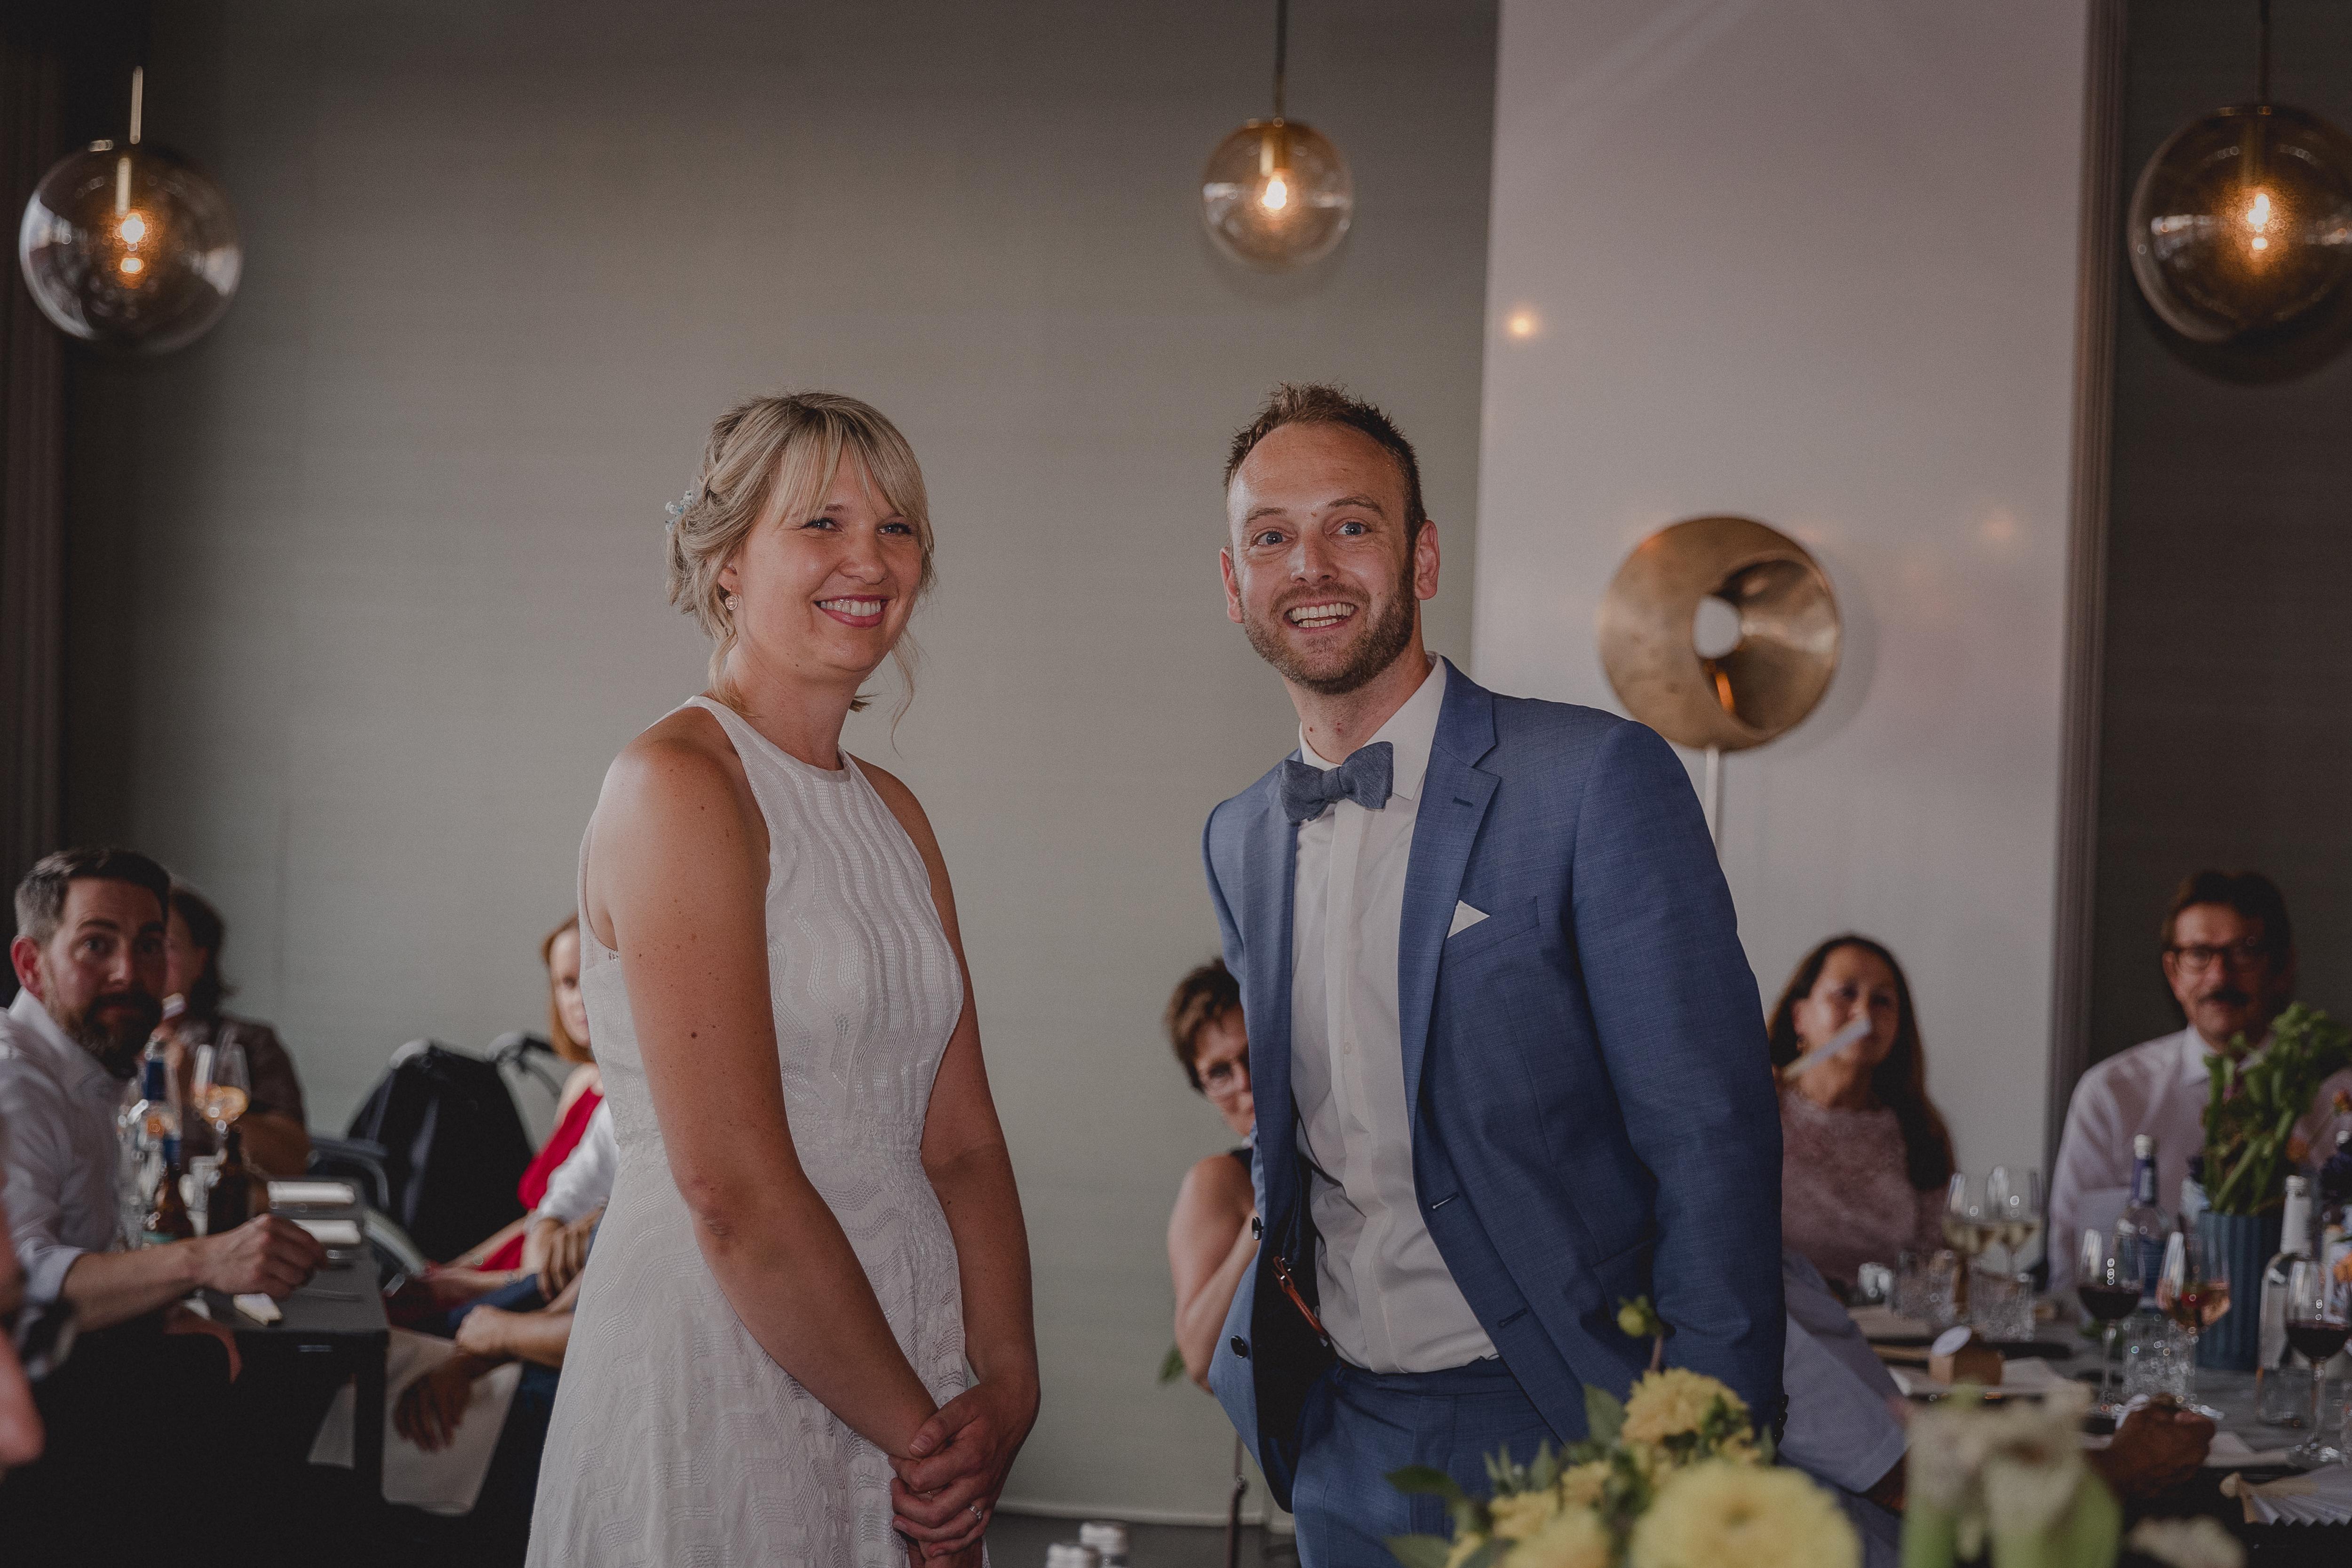 Hochzeitsfotograf-Nuernberg-Design-Offices-Urbanerie-Sabrina-und-Simon-124